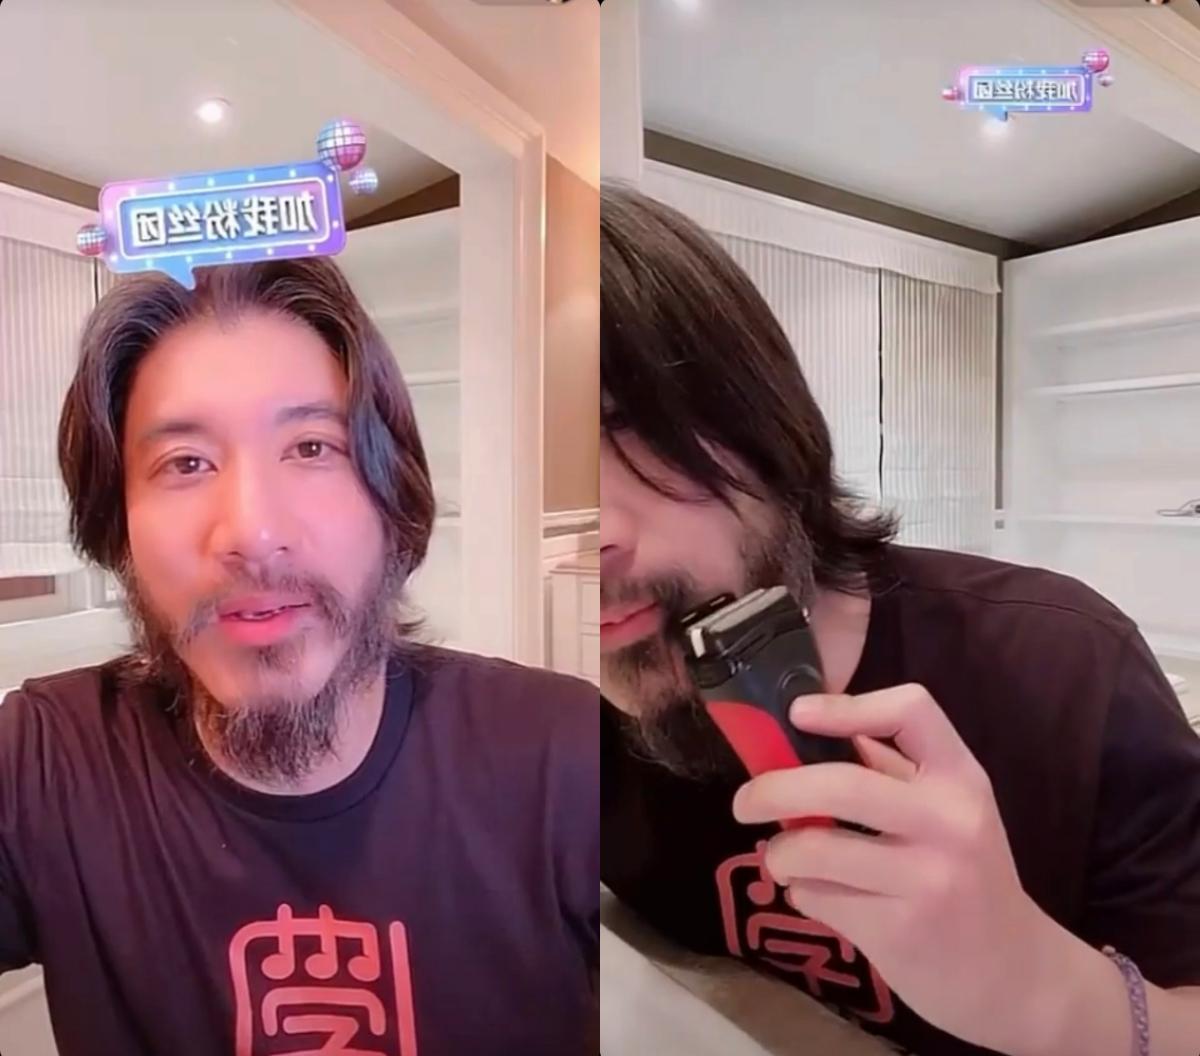 Vương Lực Hoành livestream màn cạo râu.